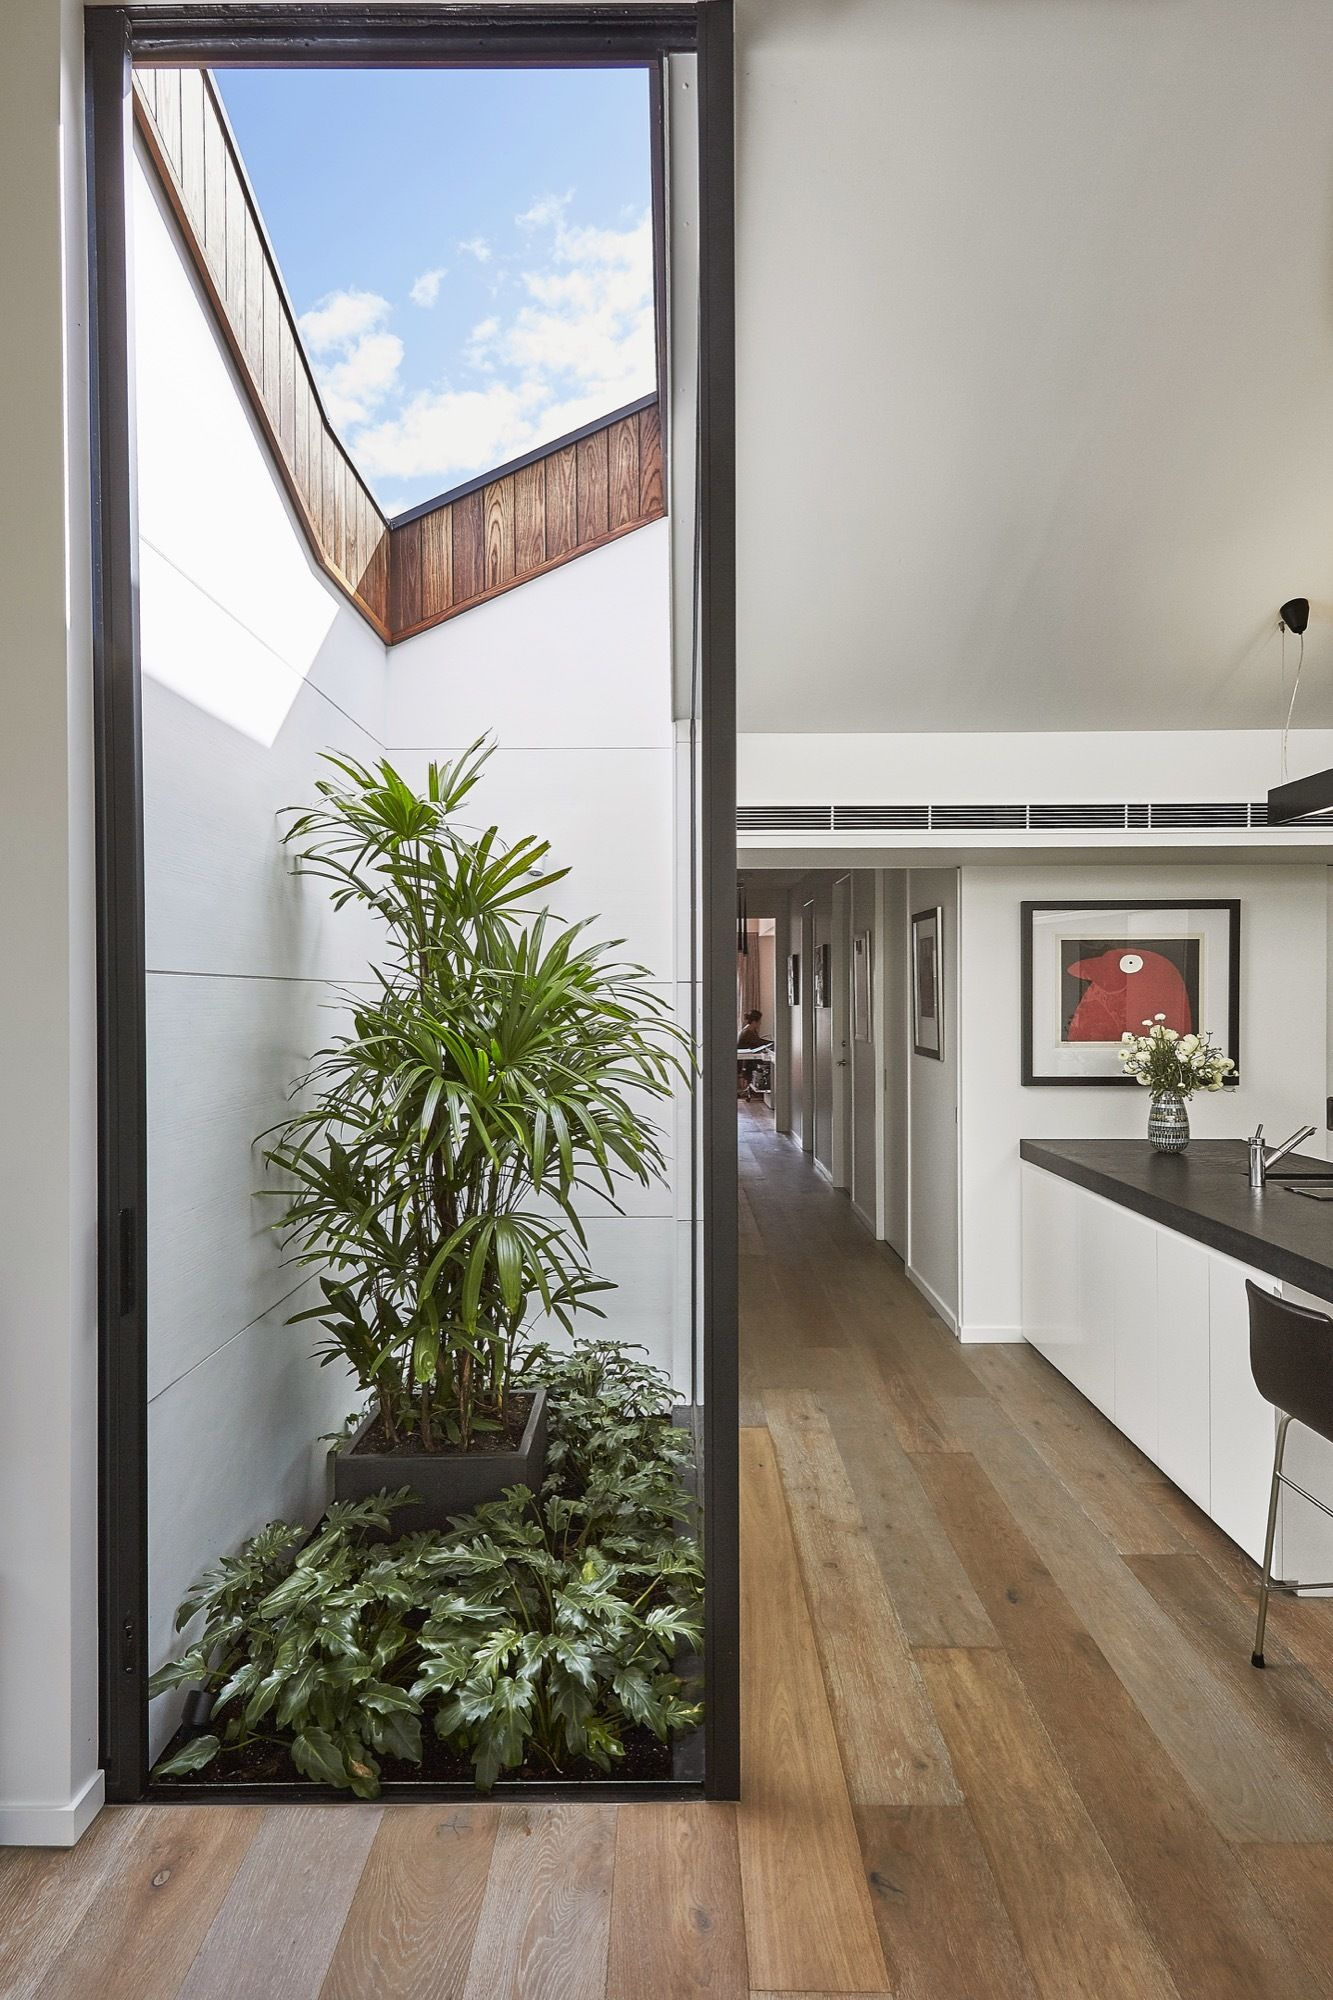 Galer a de casa malvern jost architects 15 en 2019 variado al gusto casas interiores y - Cerramientos patios interiores ...